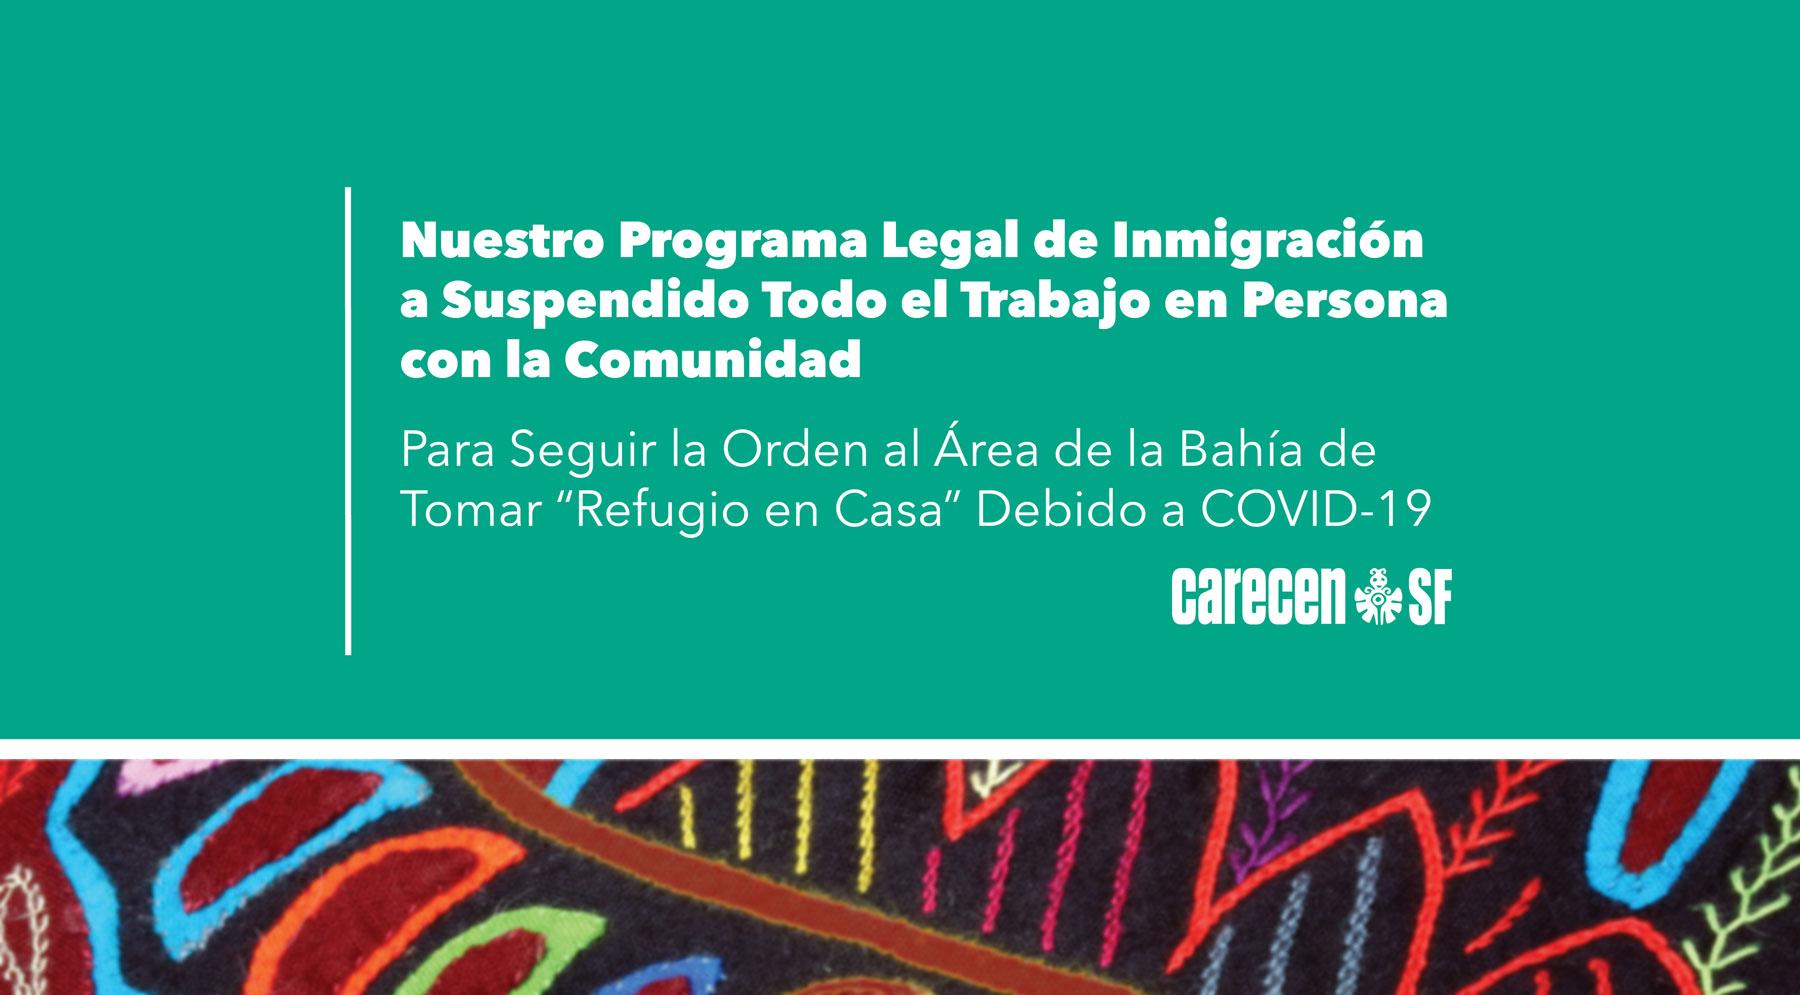 """El Programa Legal de Inmigración de CARECEN SF a Suspendido Todo el Trabajo en Persona con la Comunidad Para Seguir la Orden al Área de la Bahía de Tomar """"Refugio en Casa"""" debido a COVID-19"""